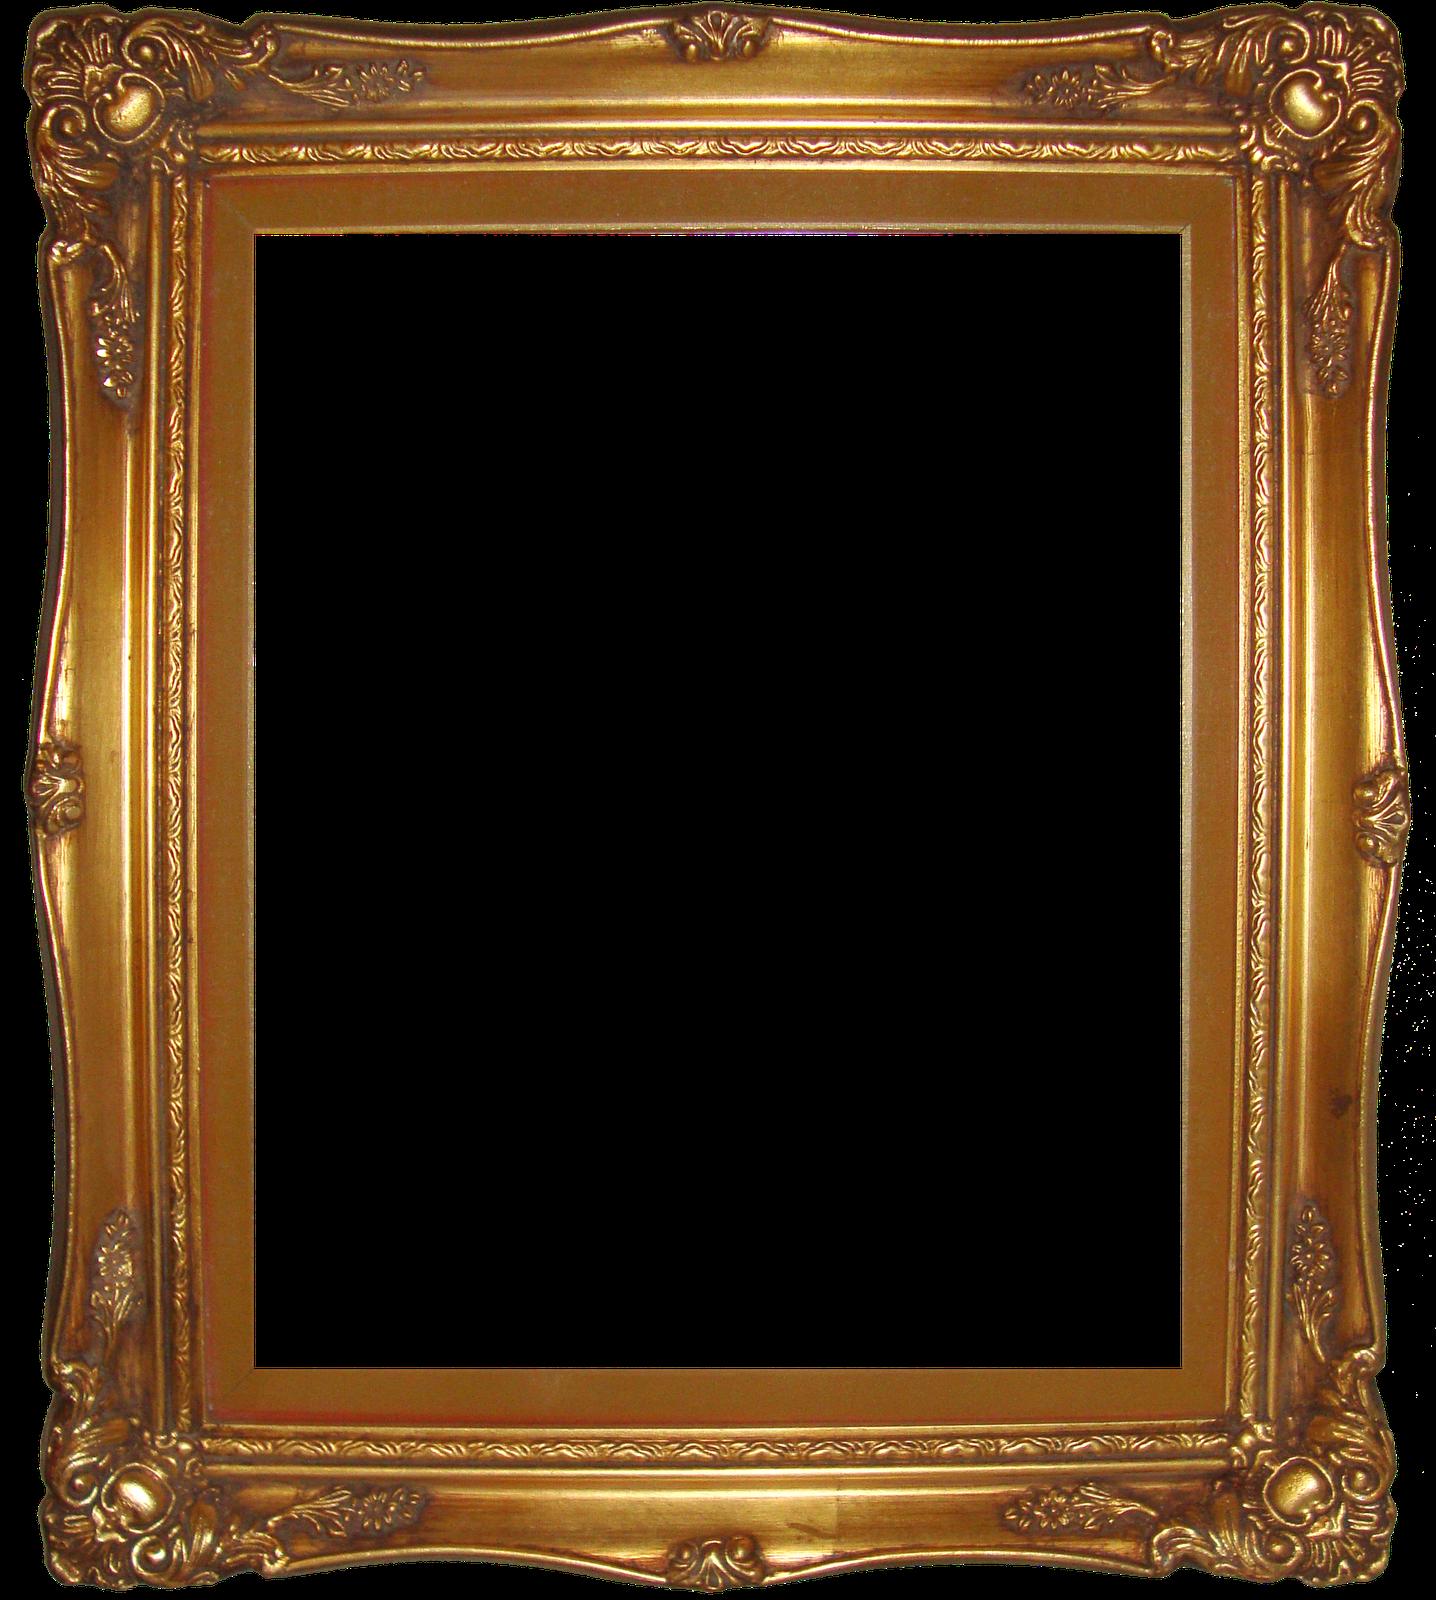 FREE Digital Antique Photo Frames! | FRAMES | Pinterest | Frame ...